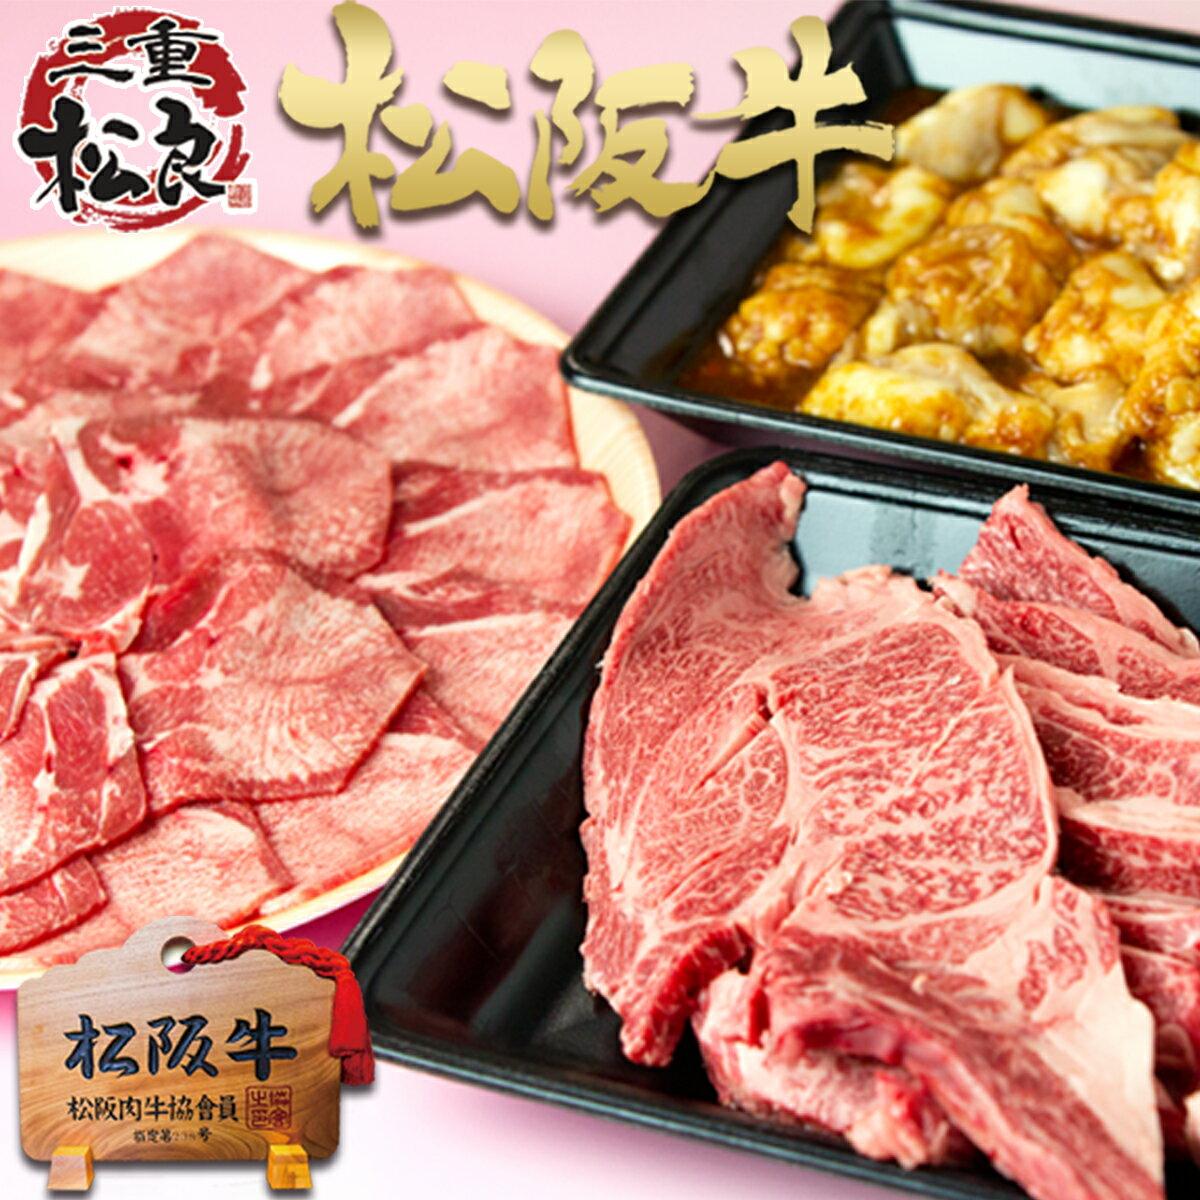 松阪牛 究極のバーベキュー 1.3kg 牛タン ホルモンをセットに!焼肉やBBQ【送料無料】父の日 母の日 令和